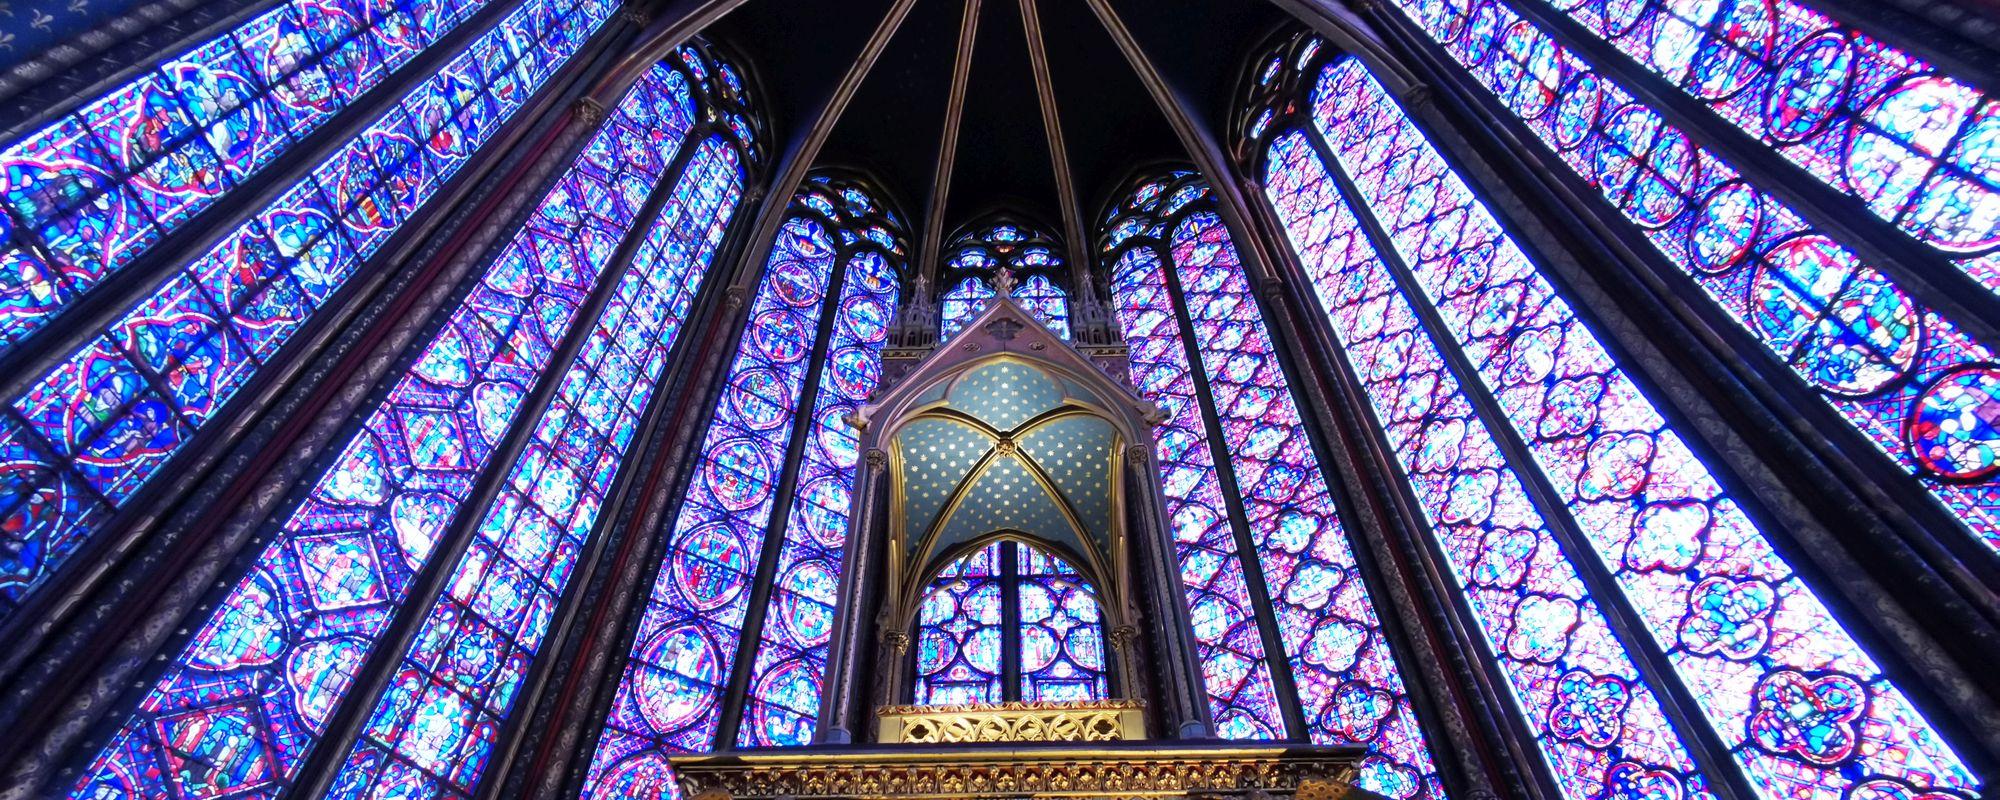 Sainte-Chapelle din Paris. Ce făceau ăia pe la 1200-ish.